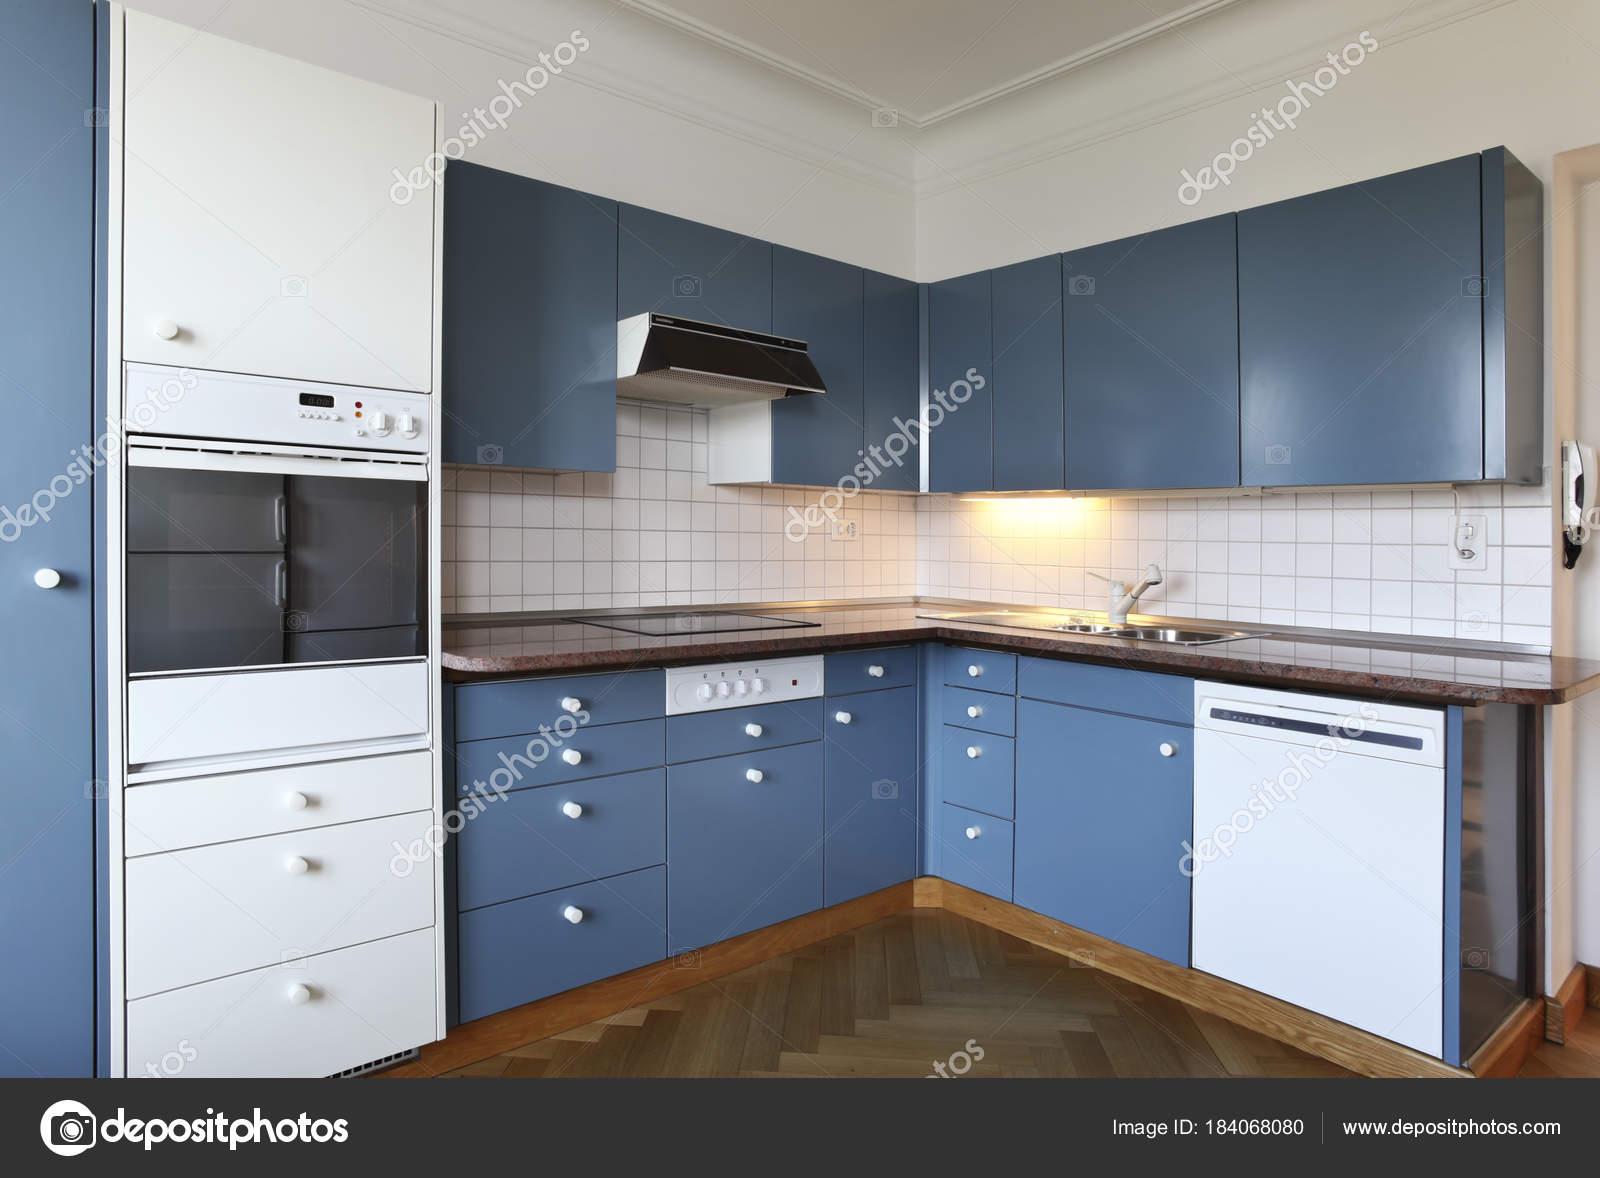 Cucina della villa bianco e blu u2014 foto stock © zveiger #184068080